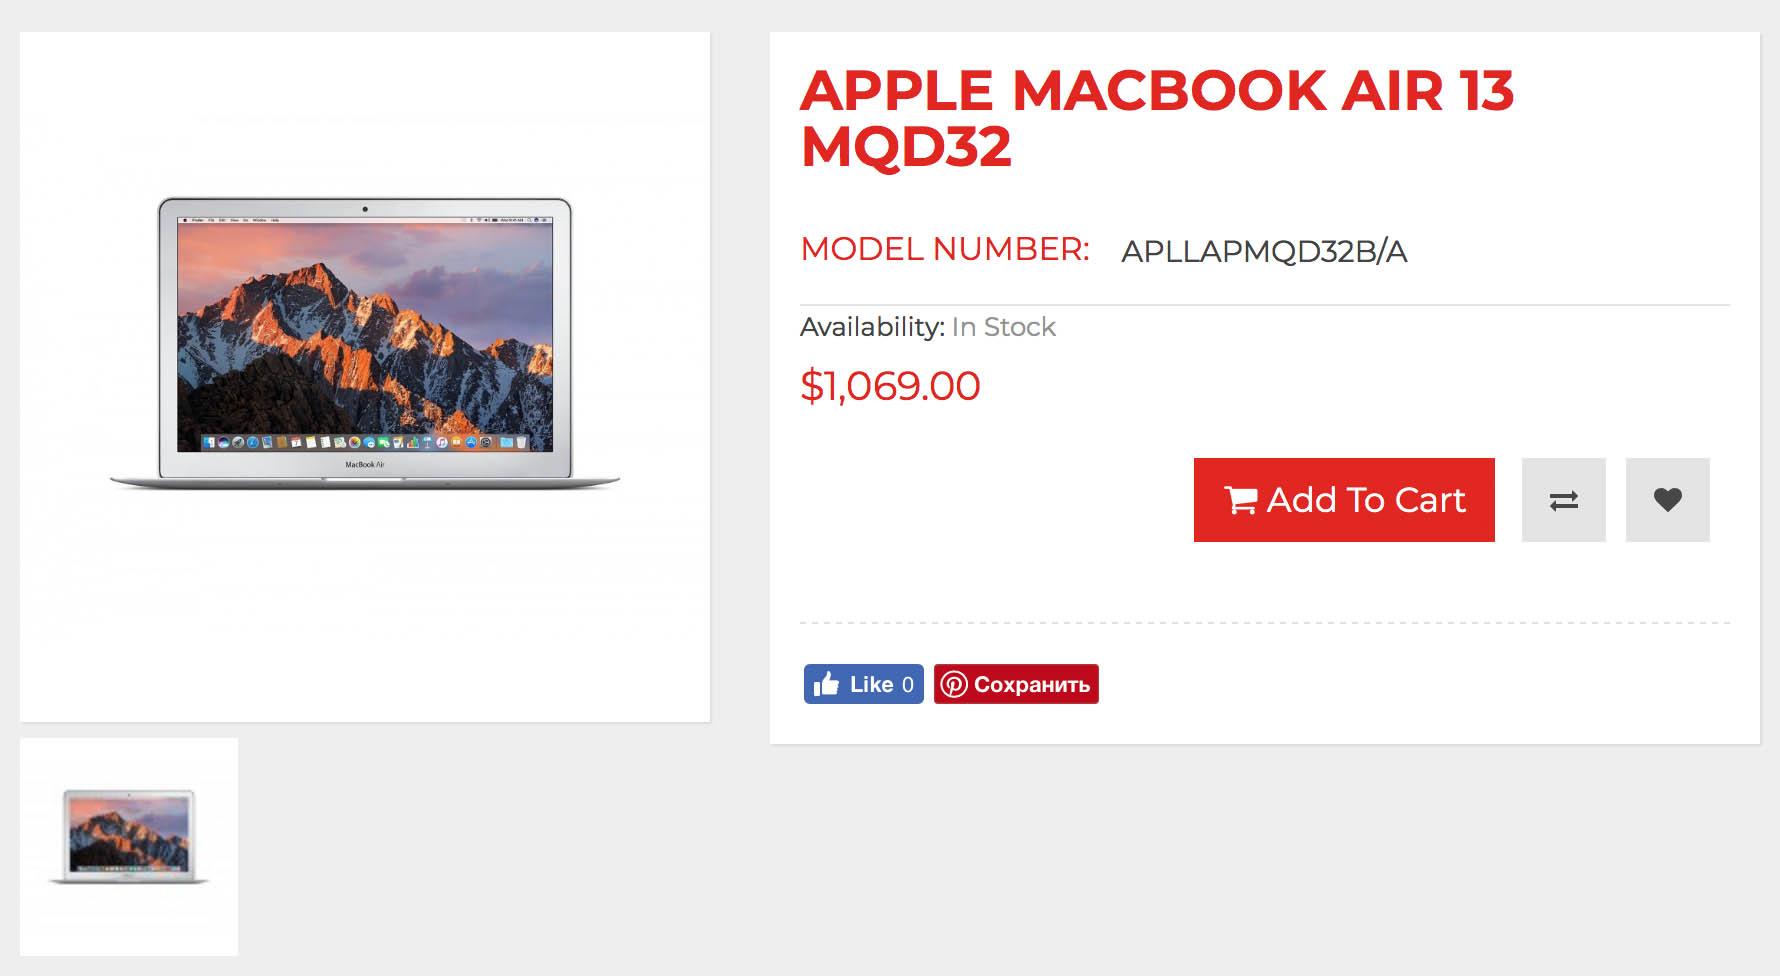 В ливанском магазине электроники Макбук-эйр стоит 999$ (61 938 р.)